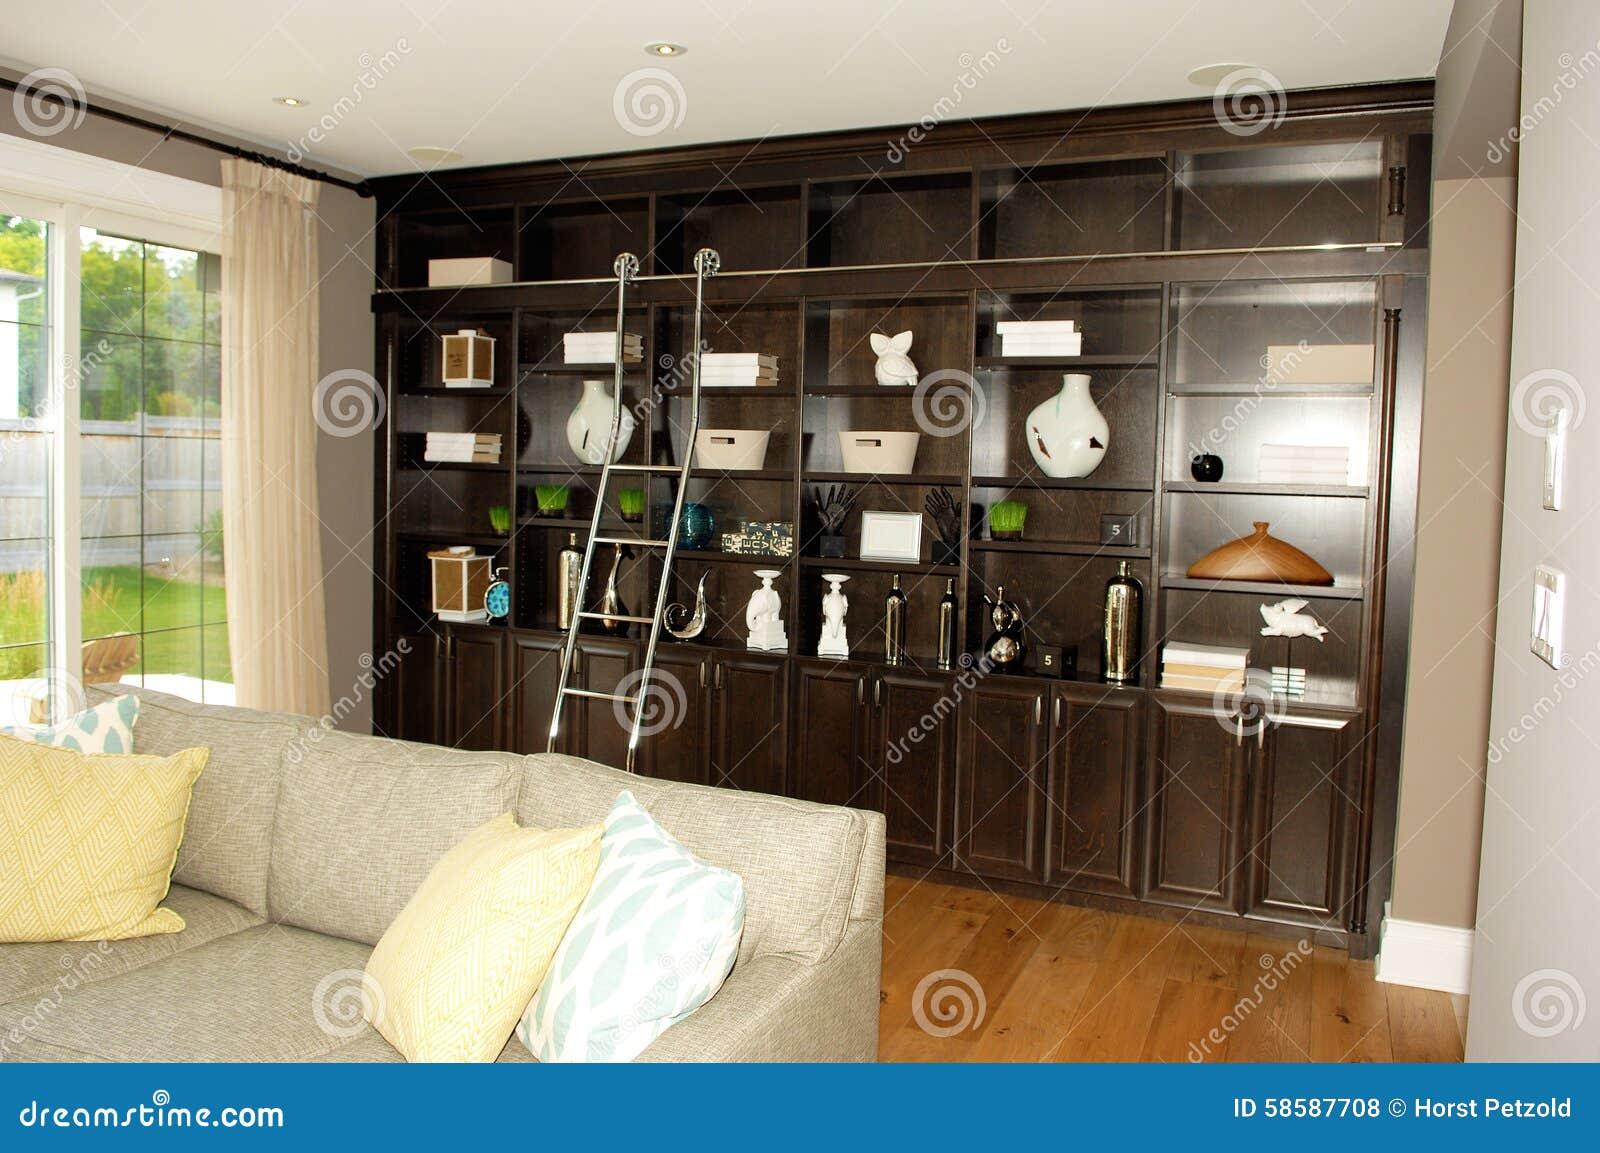 Vardagsrum I Ett Nytt Hus Med Bokhyllor Arkivfoto - Bild: 58587708